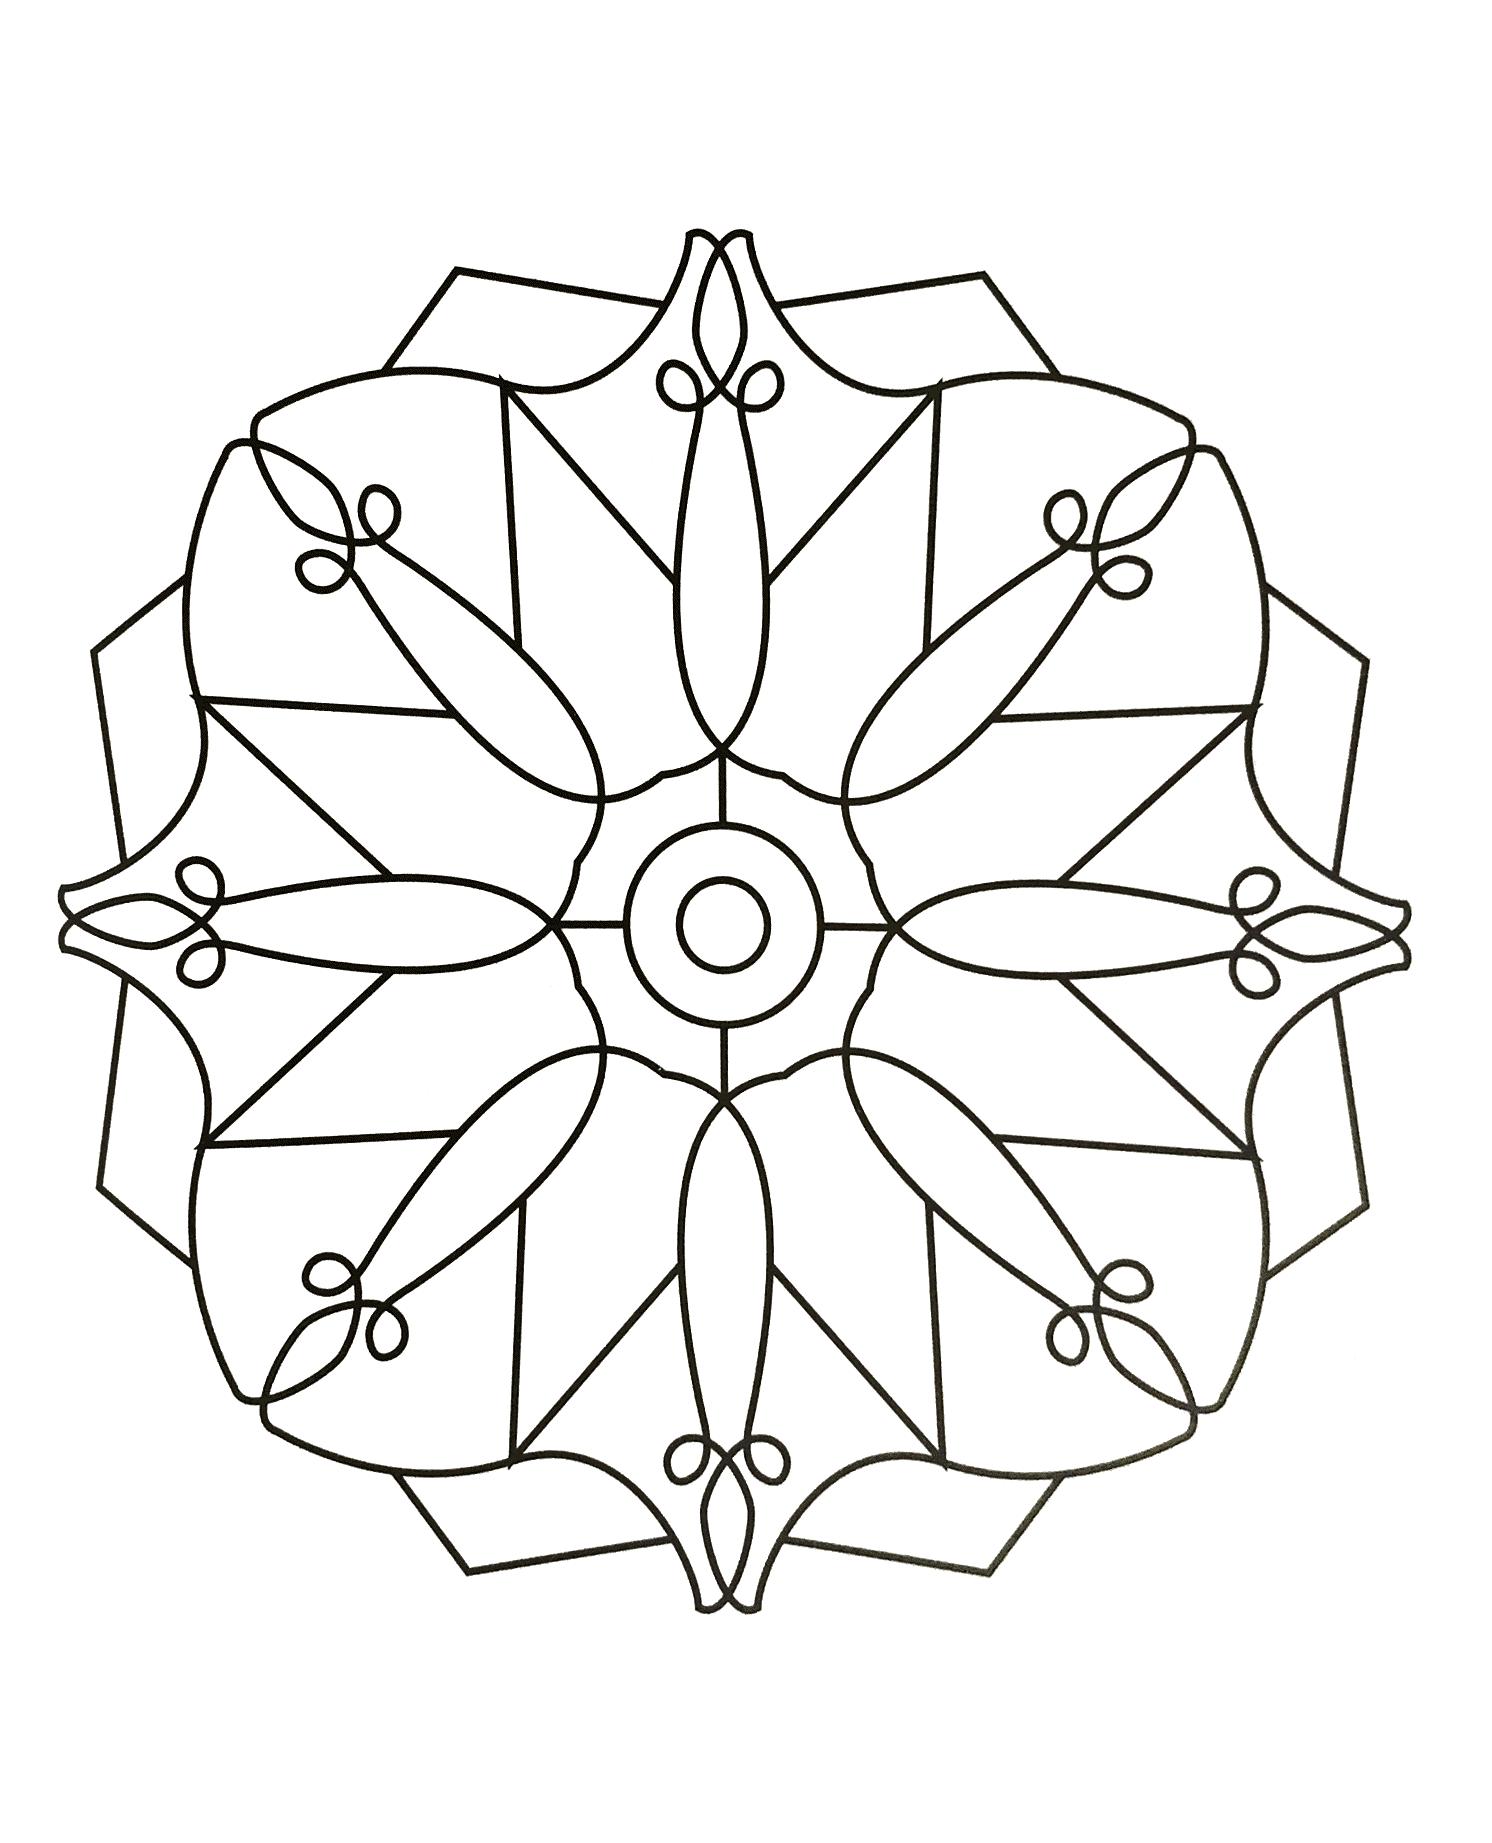 Nouveau Dessin à Colorier De Mandala